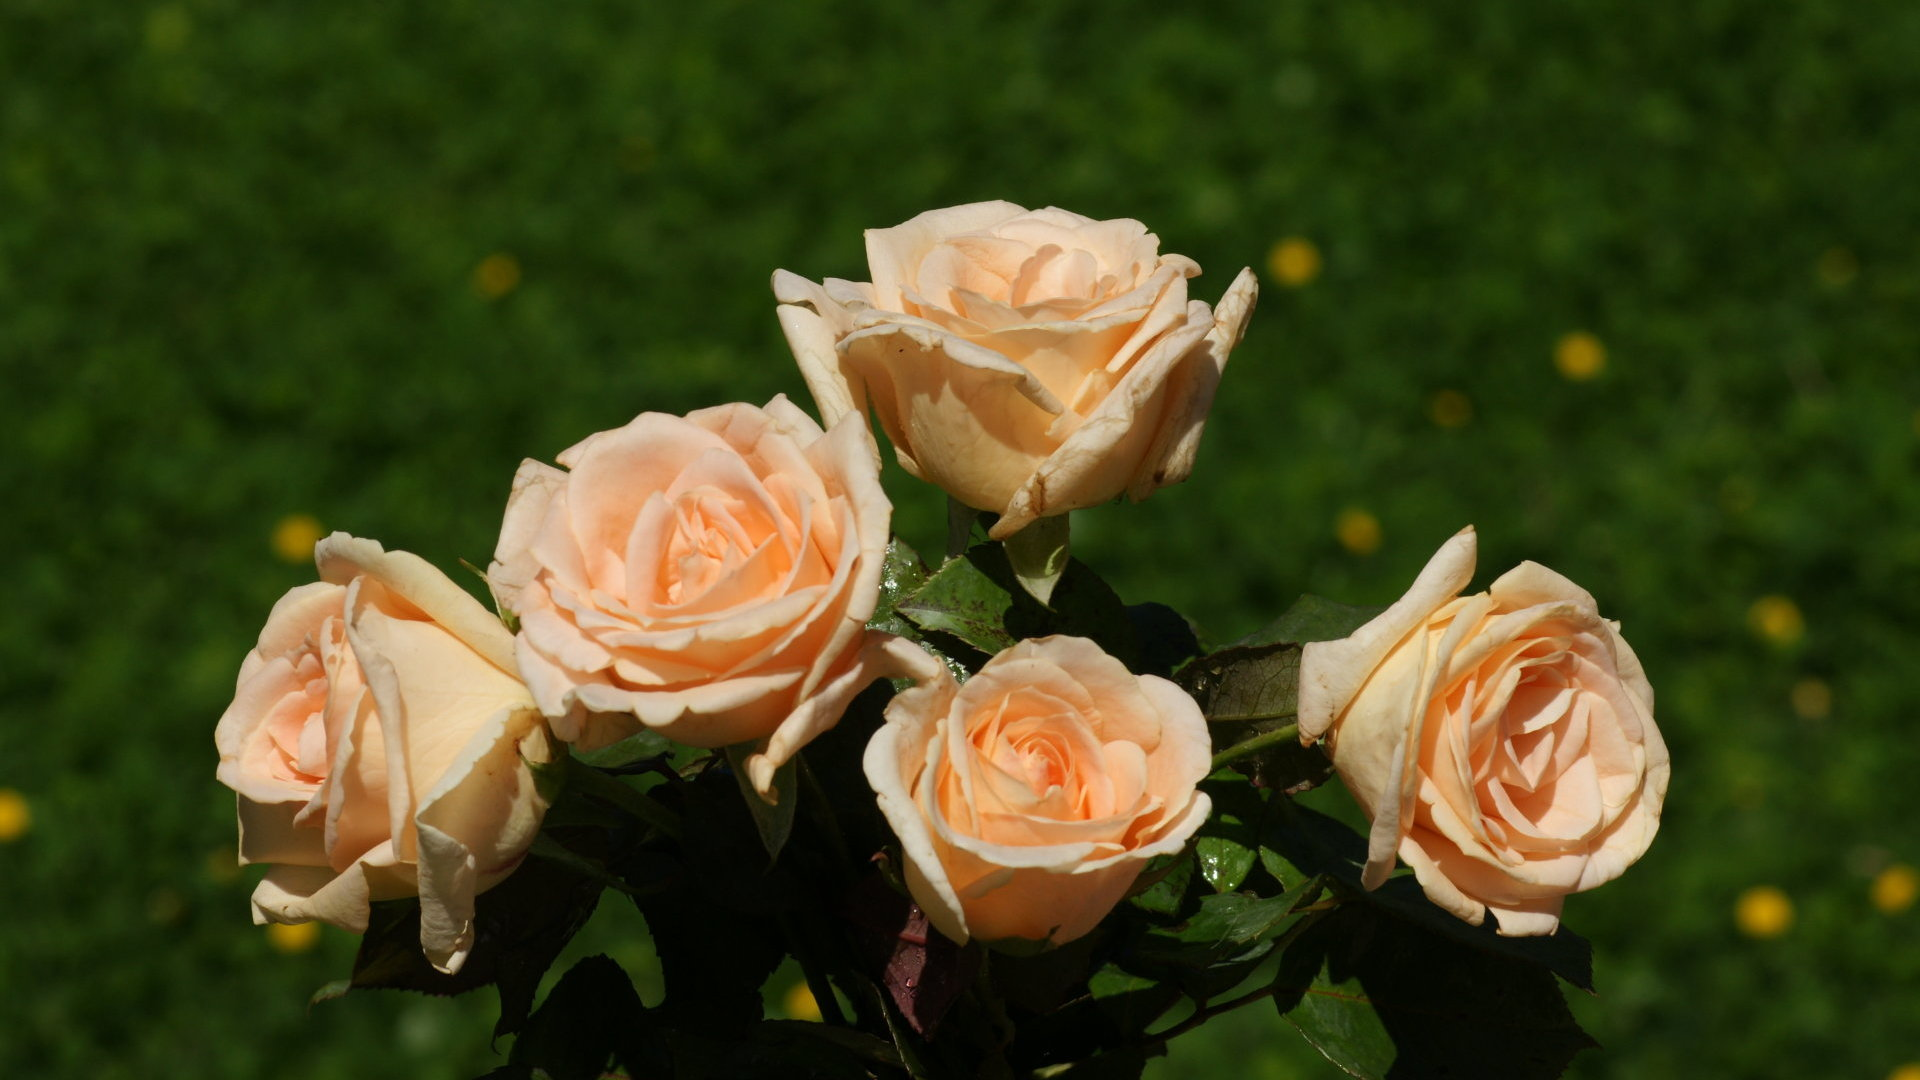 Rose wallpaper beautiful roses - Peach rose wallpaper ...